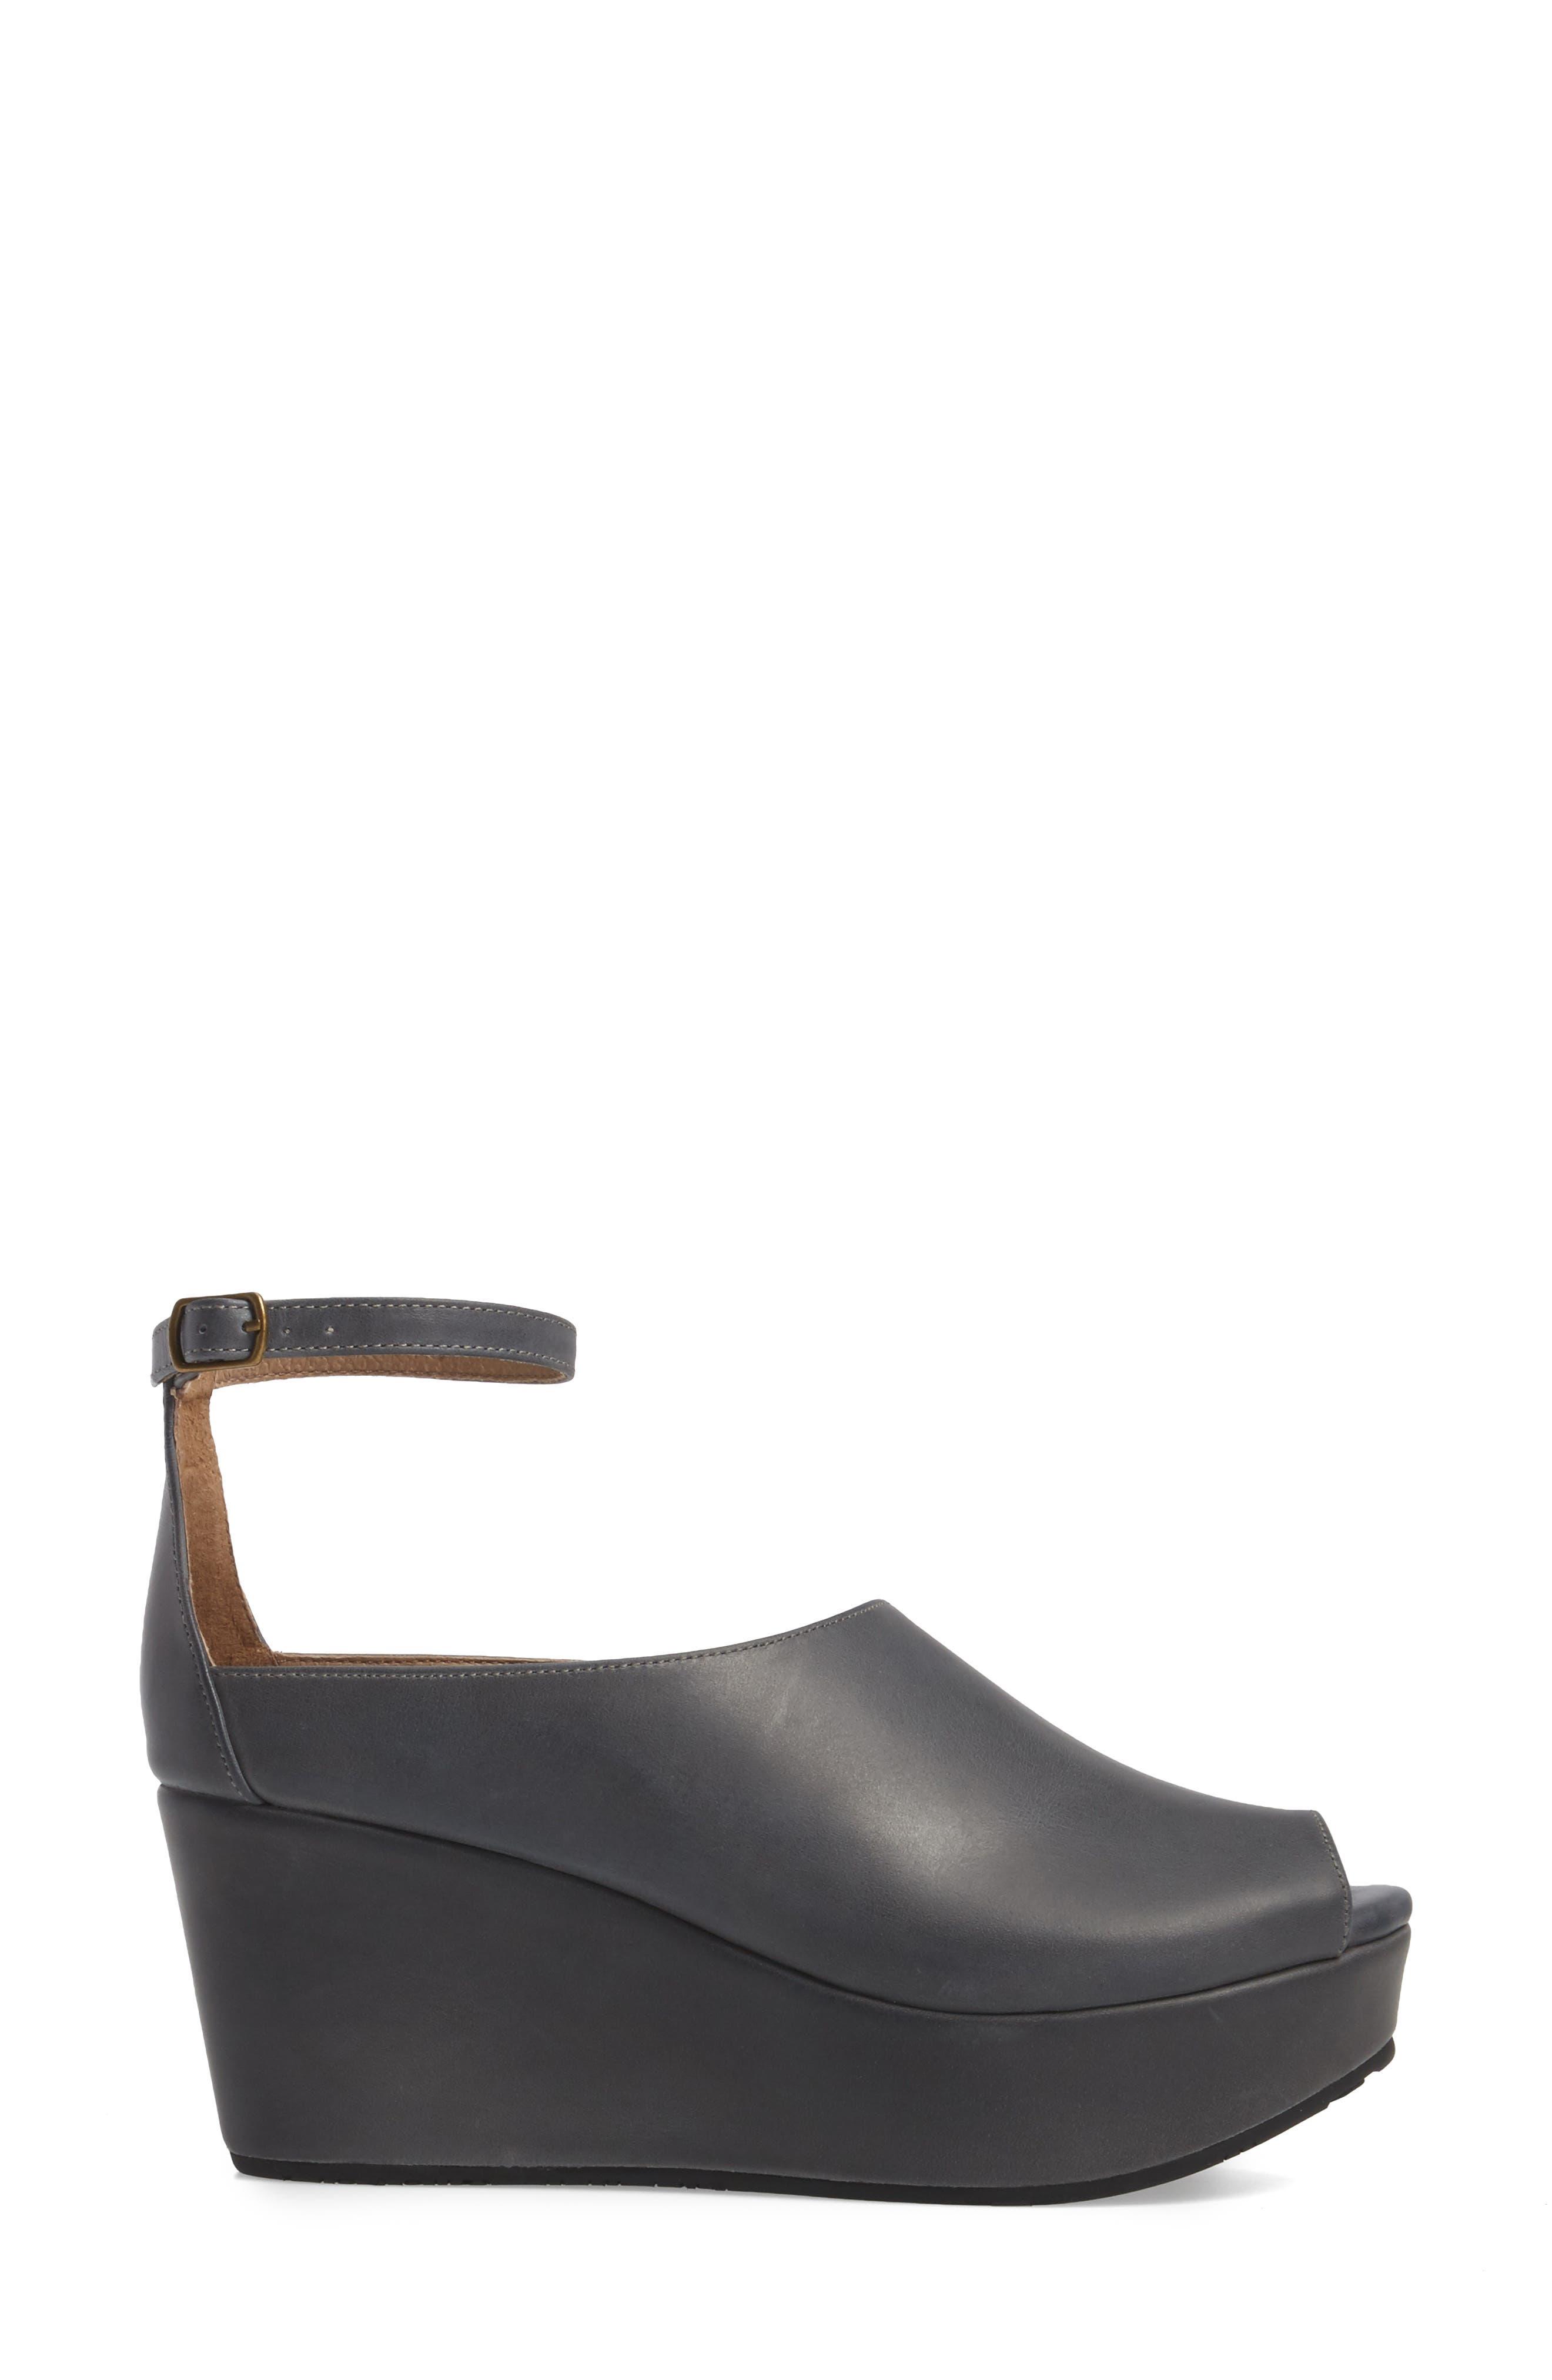 Alternate Image 3  - Chocolat Blu Walter Ankle Strap Wedge Sandal (Women)